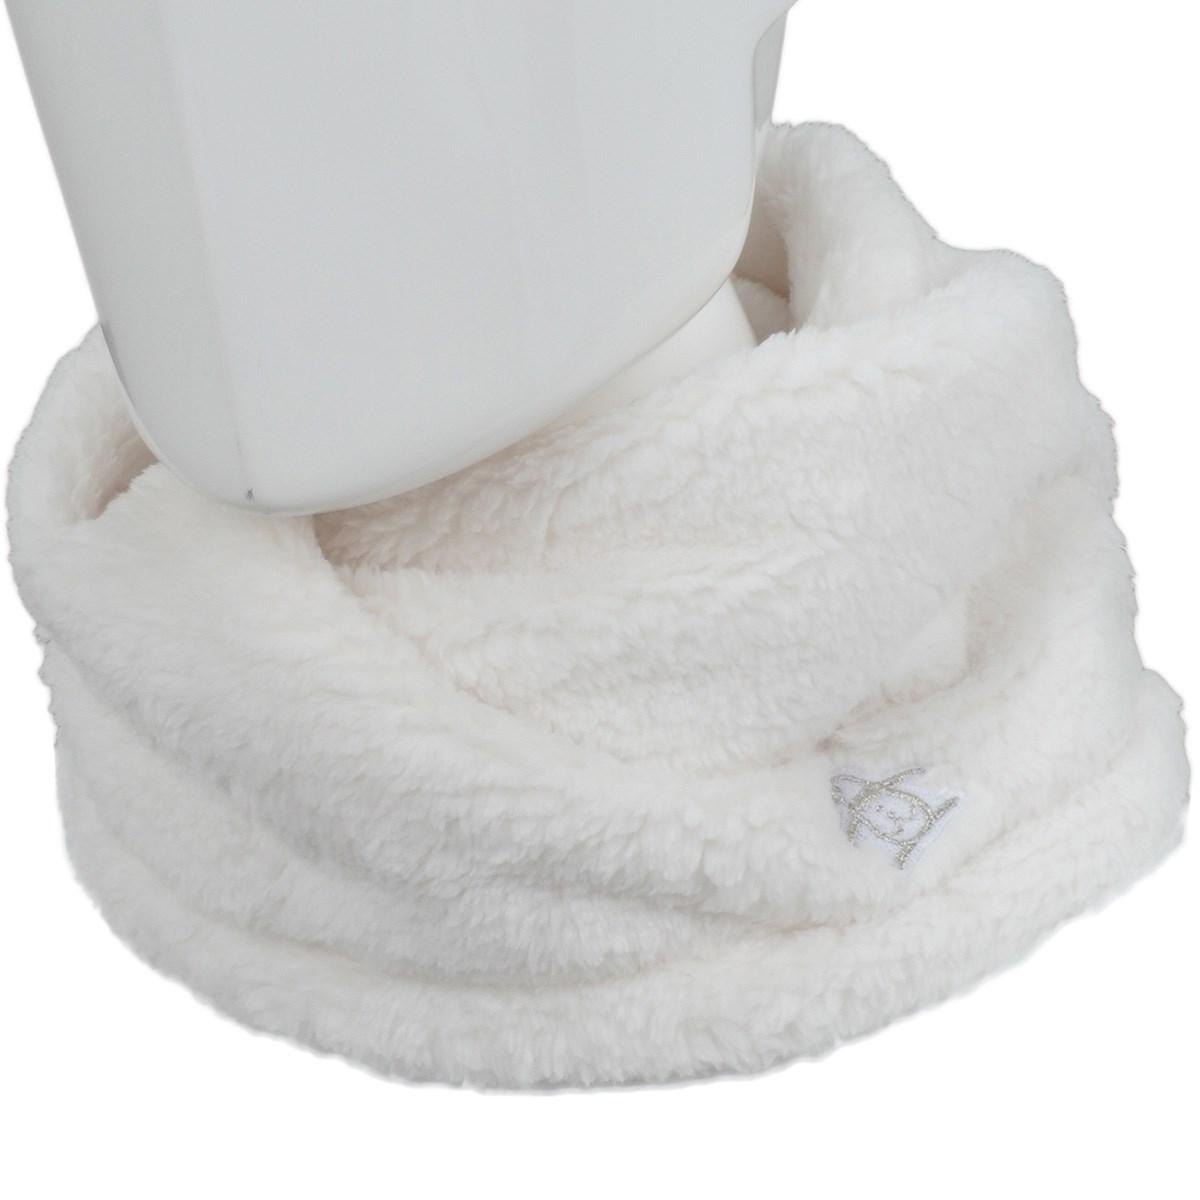 マンシングウェア Munsingwear スクリュータイプネックウォーマー ホワイト 00 フリー レディス